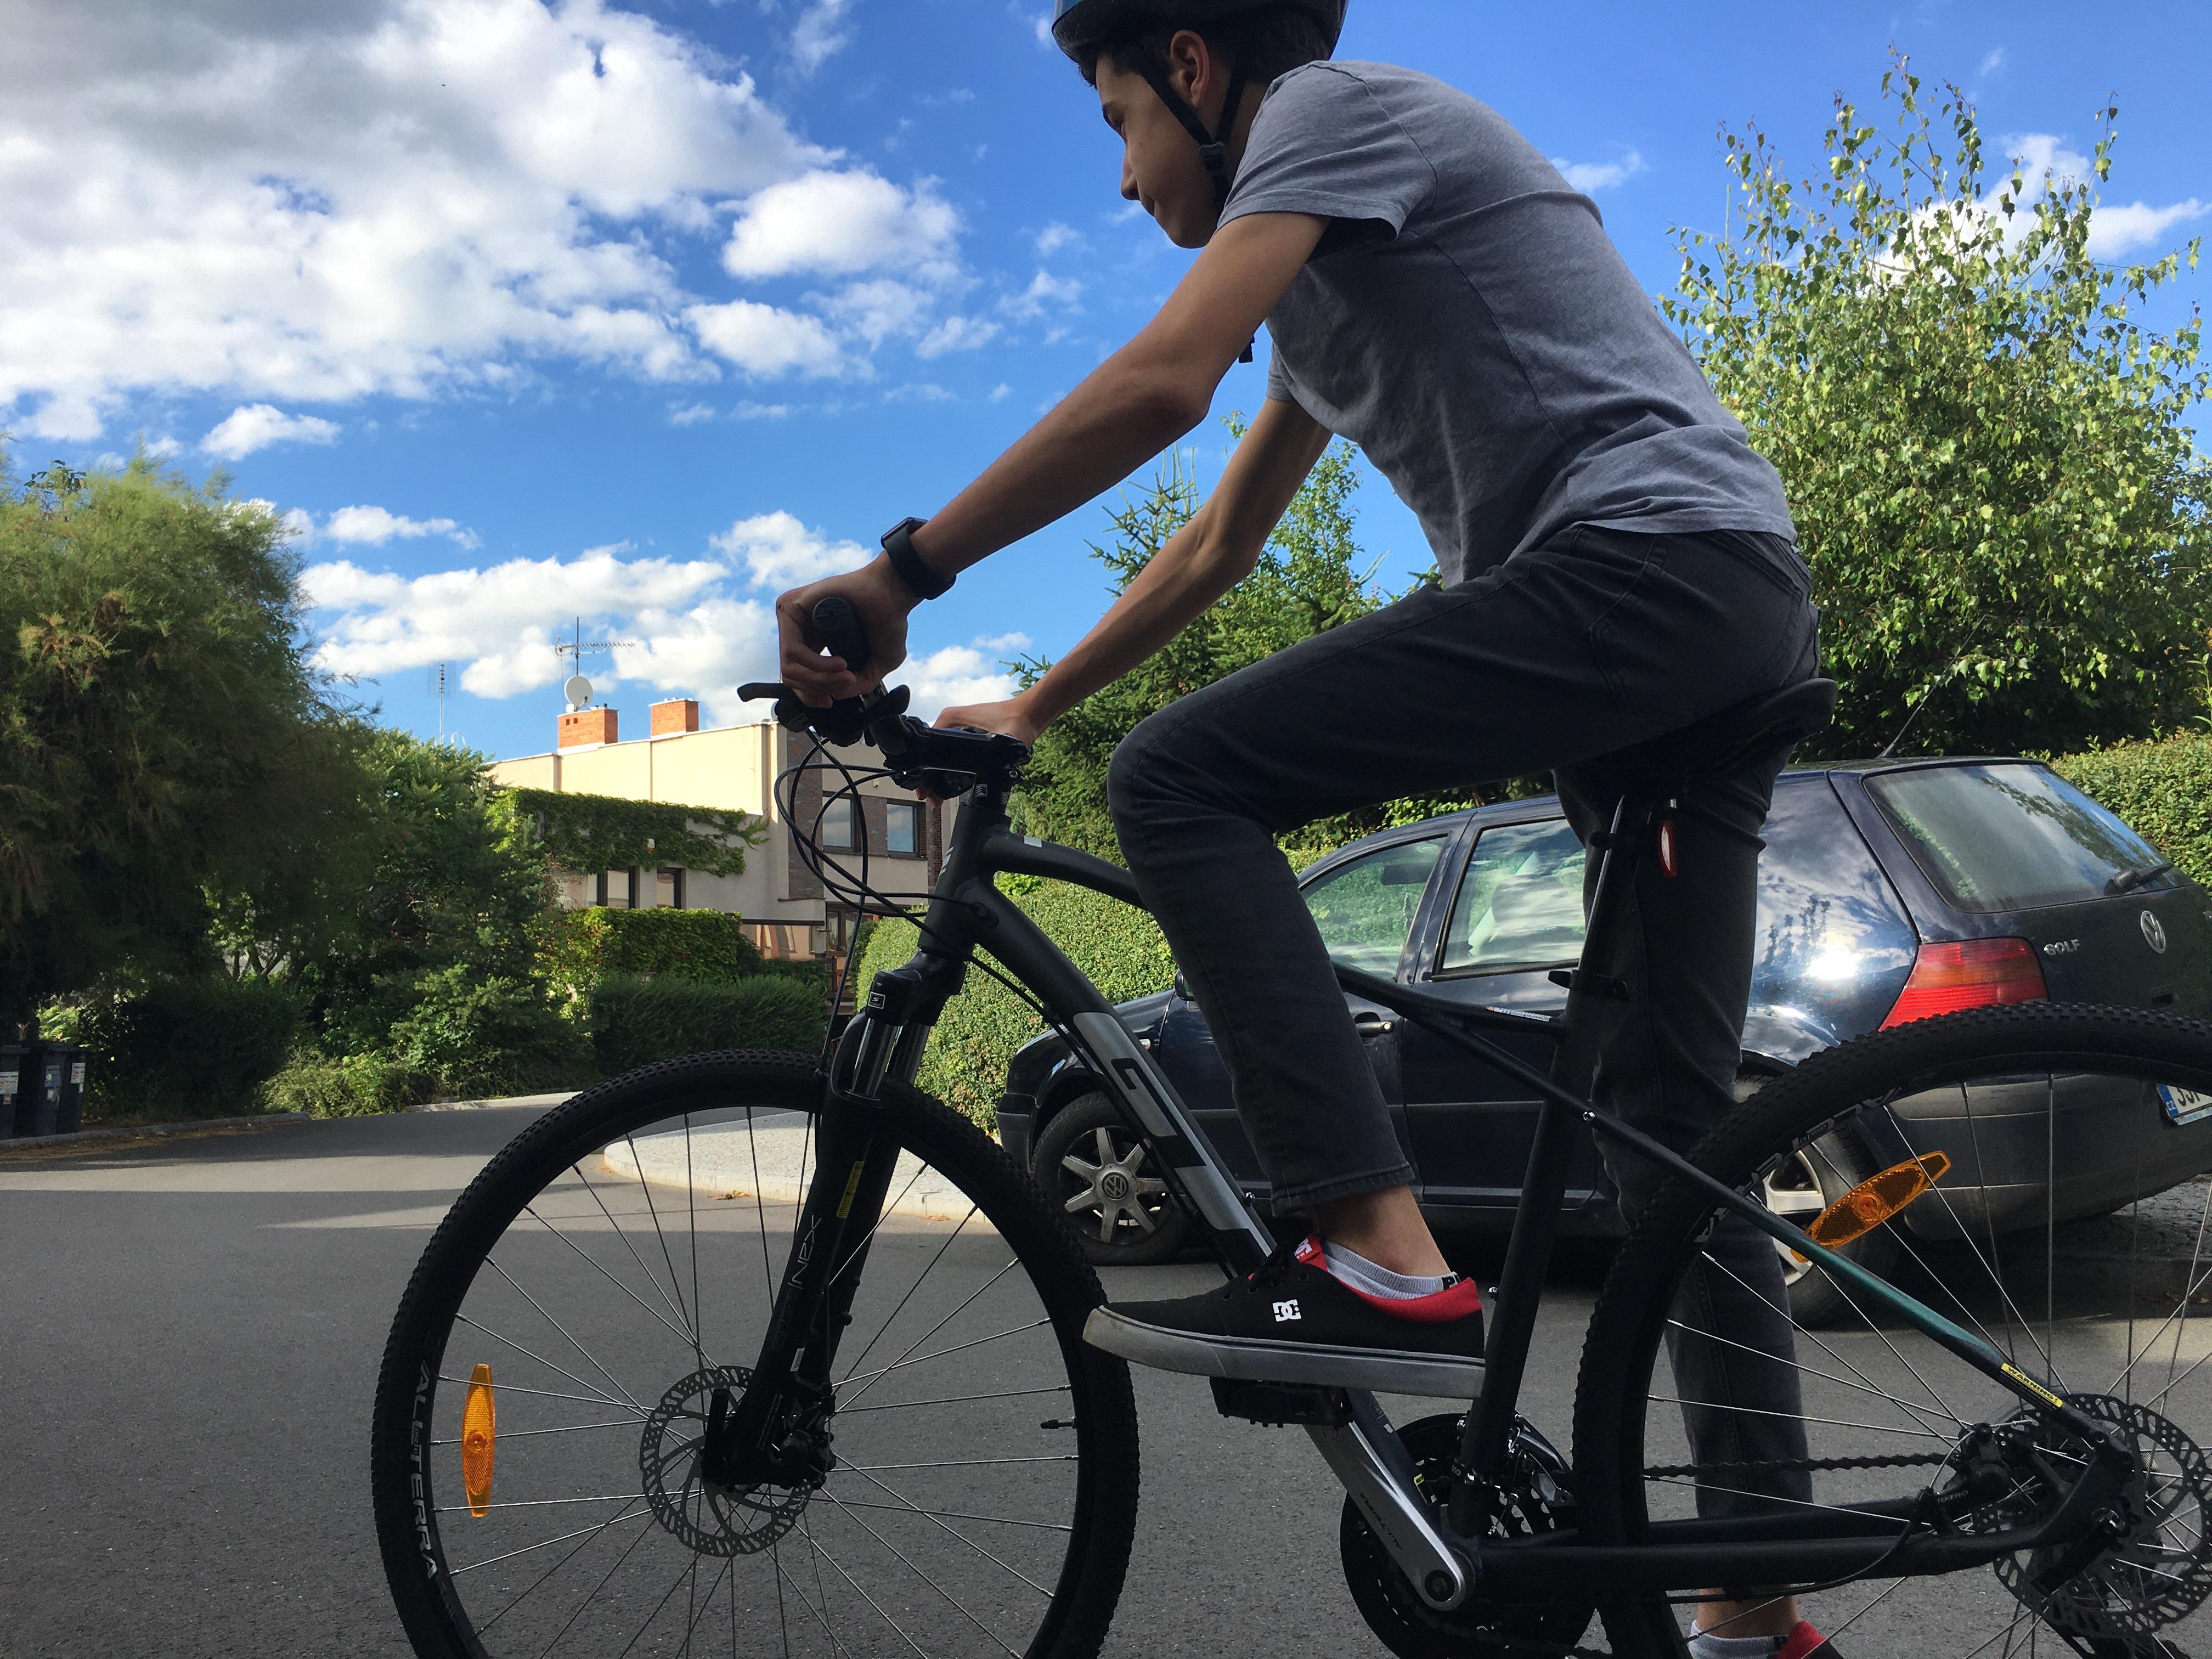 biking around the neighborhood